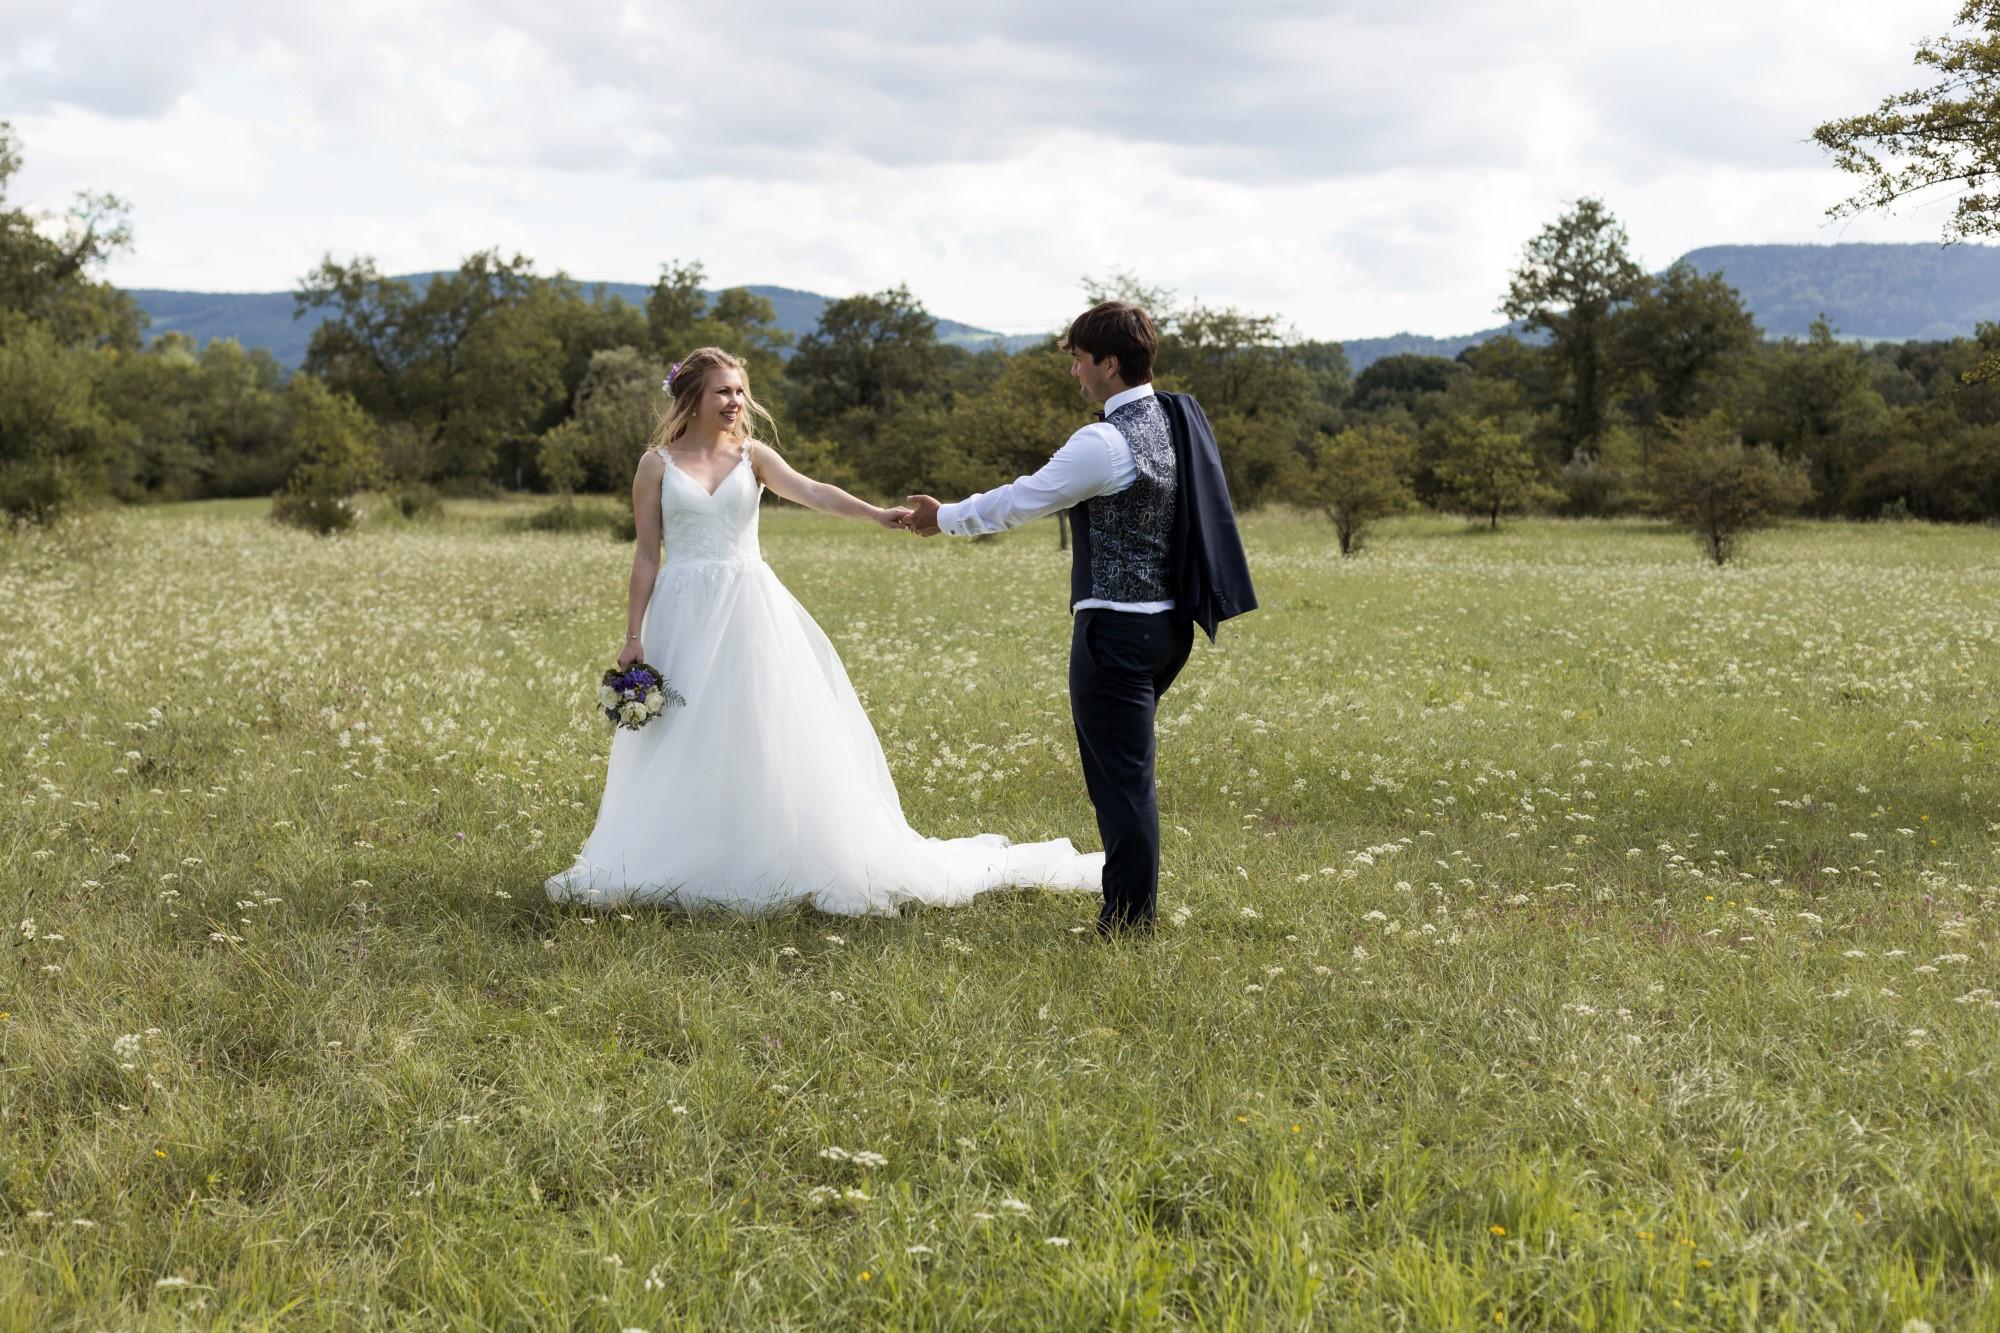 Brautpaar Fotoshooting auf einer schönen Wiese